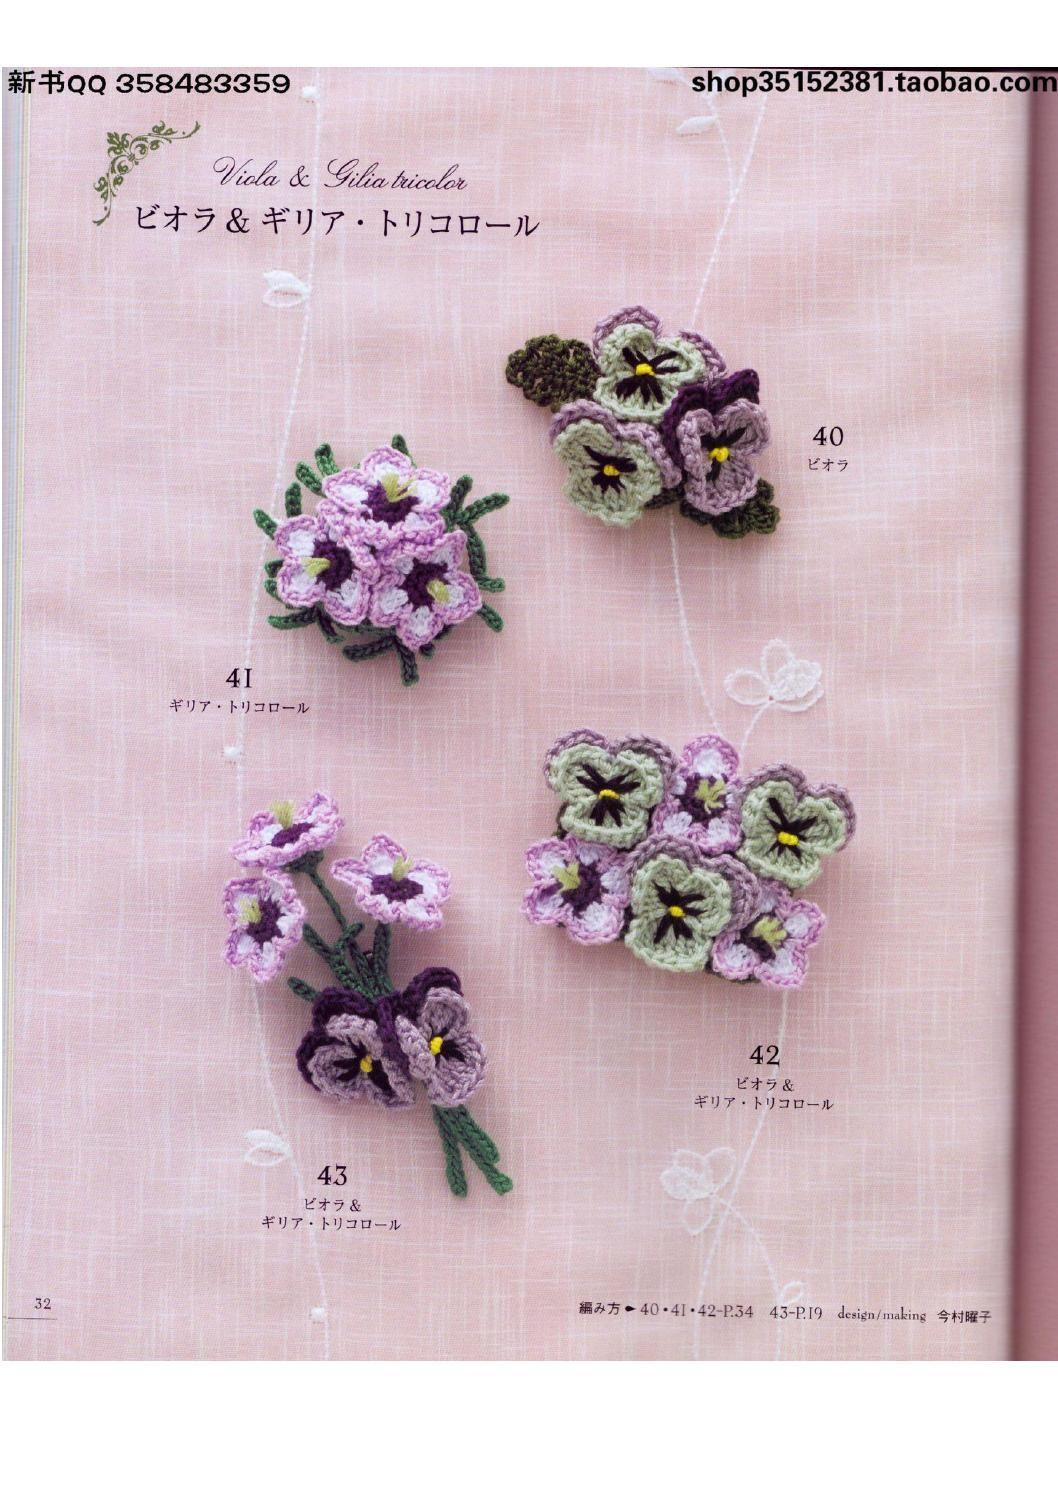 PATRONES GRATIS DE CROCHET: FLORES violetas a crochet... patrón ...